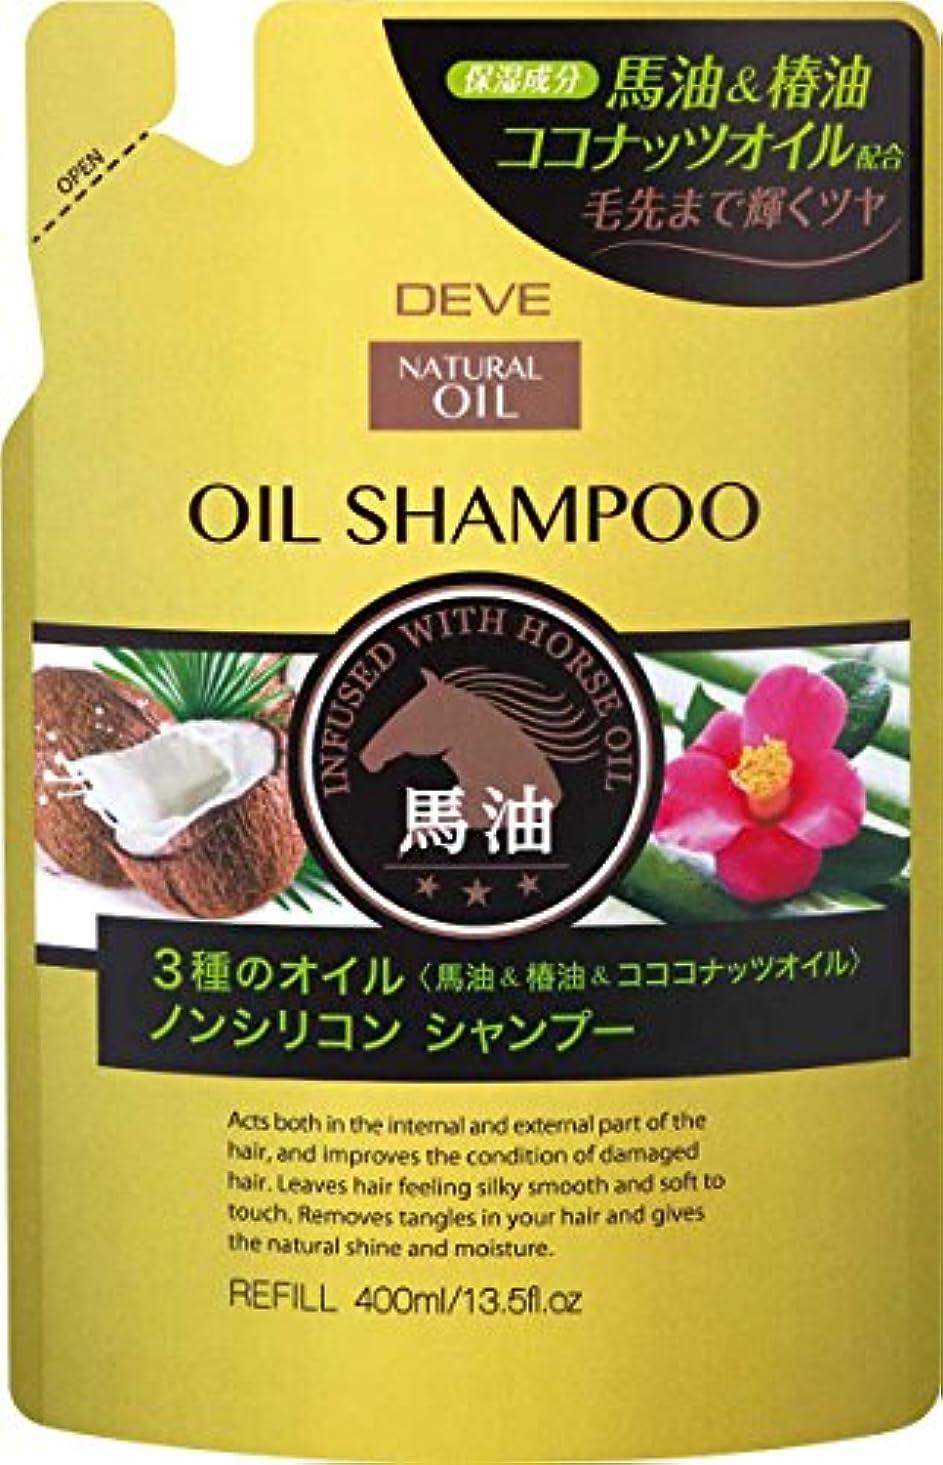 呼吸静脈苦行熊野油脂 ディブ 3種のオイルシャンプー(馬油?椿油?ココナッツオイル)400ml